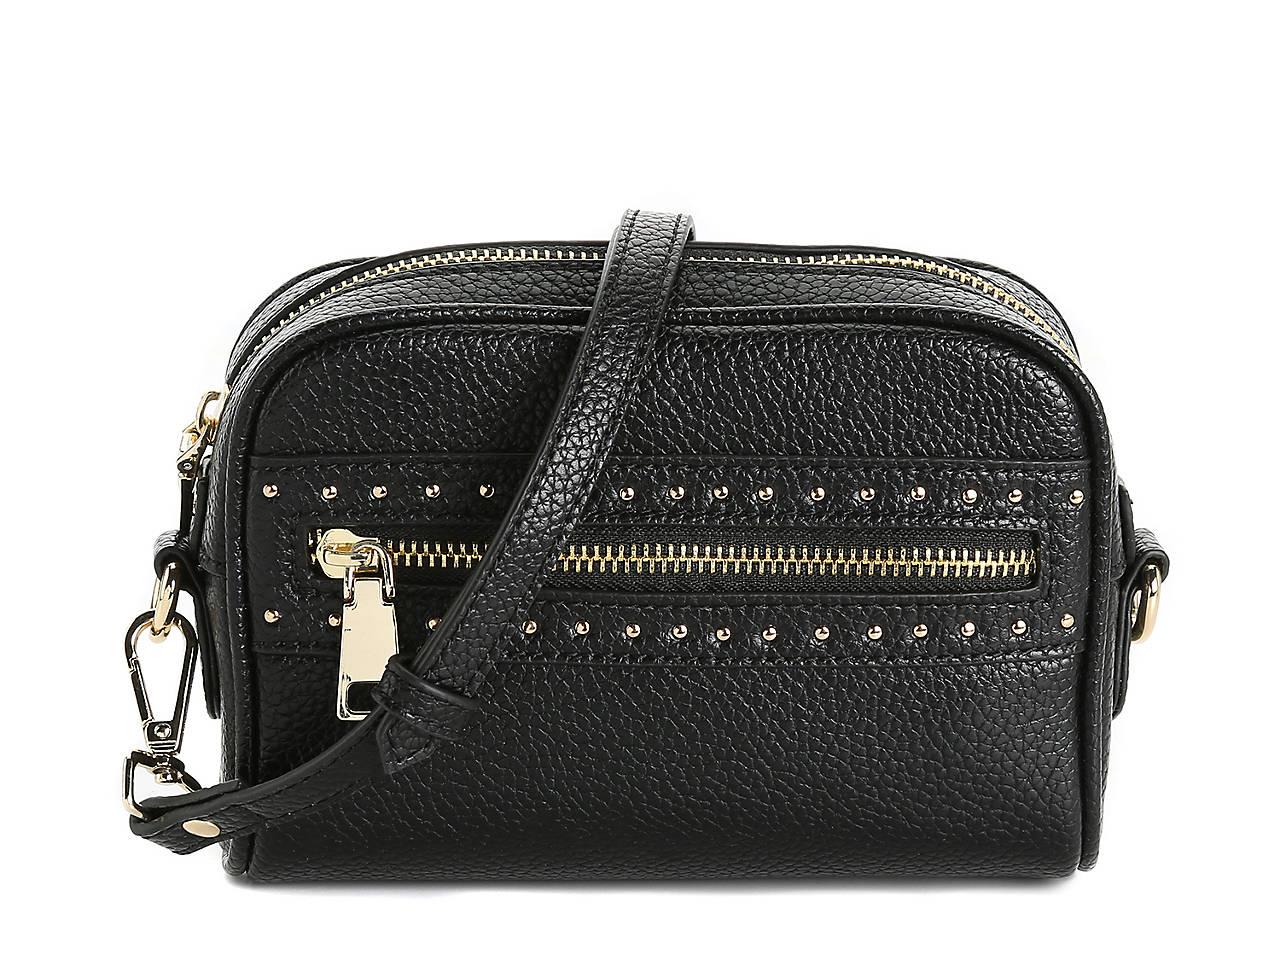 4e975771c Steve Madden Bparty Crossbody Bag Women's Handbags & Accessories | DSW